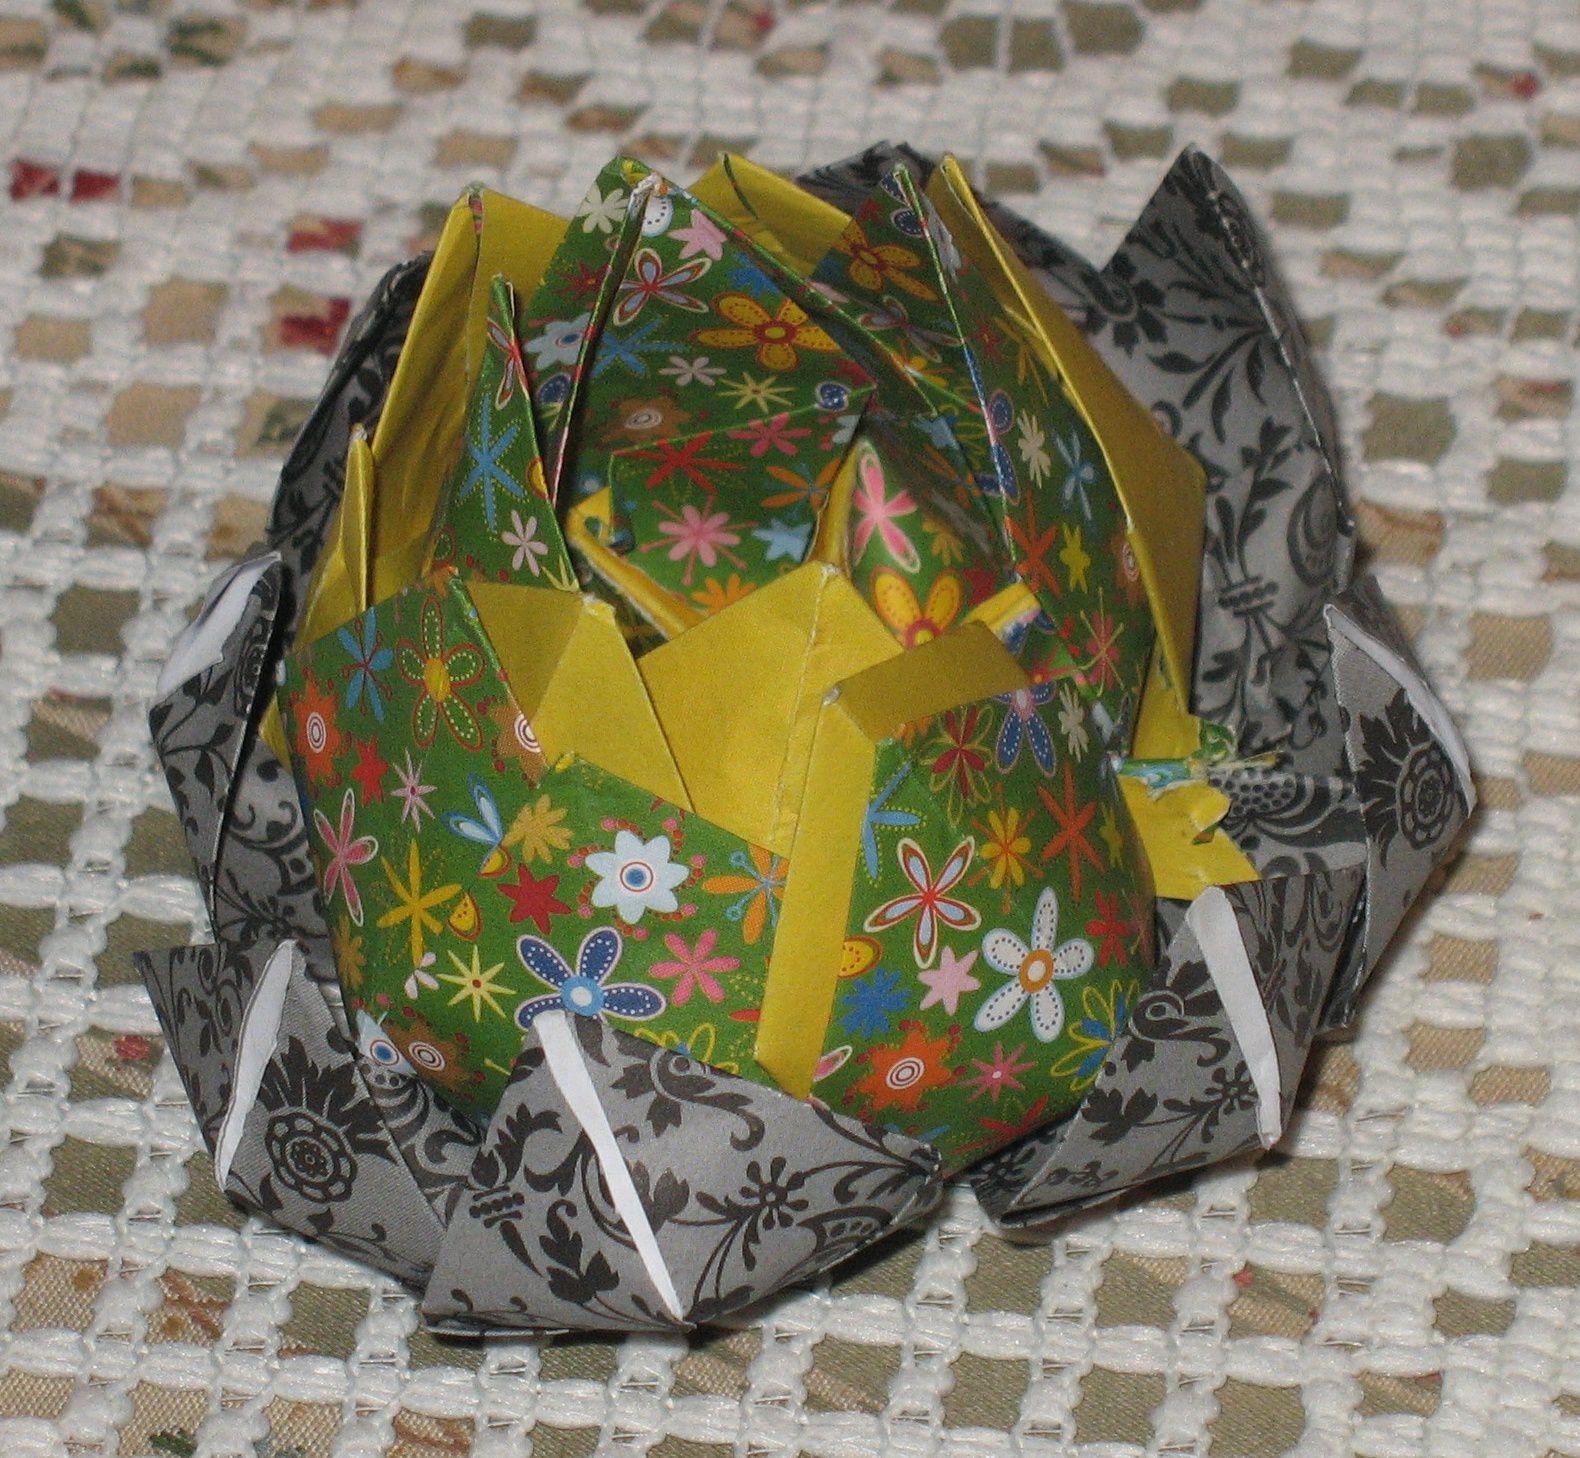 Couleurs du soir et fleur de lotus (origami)